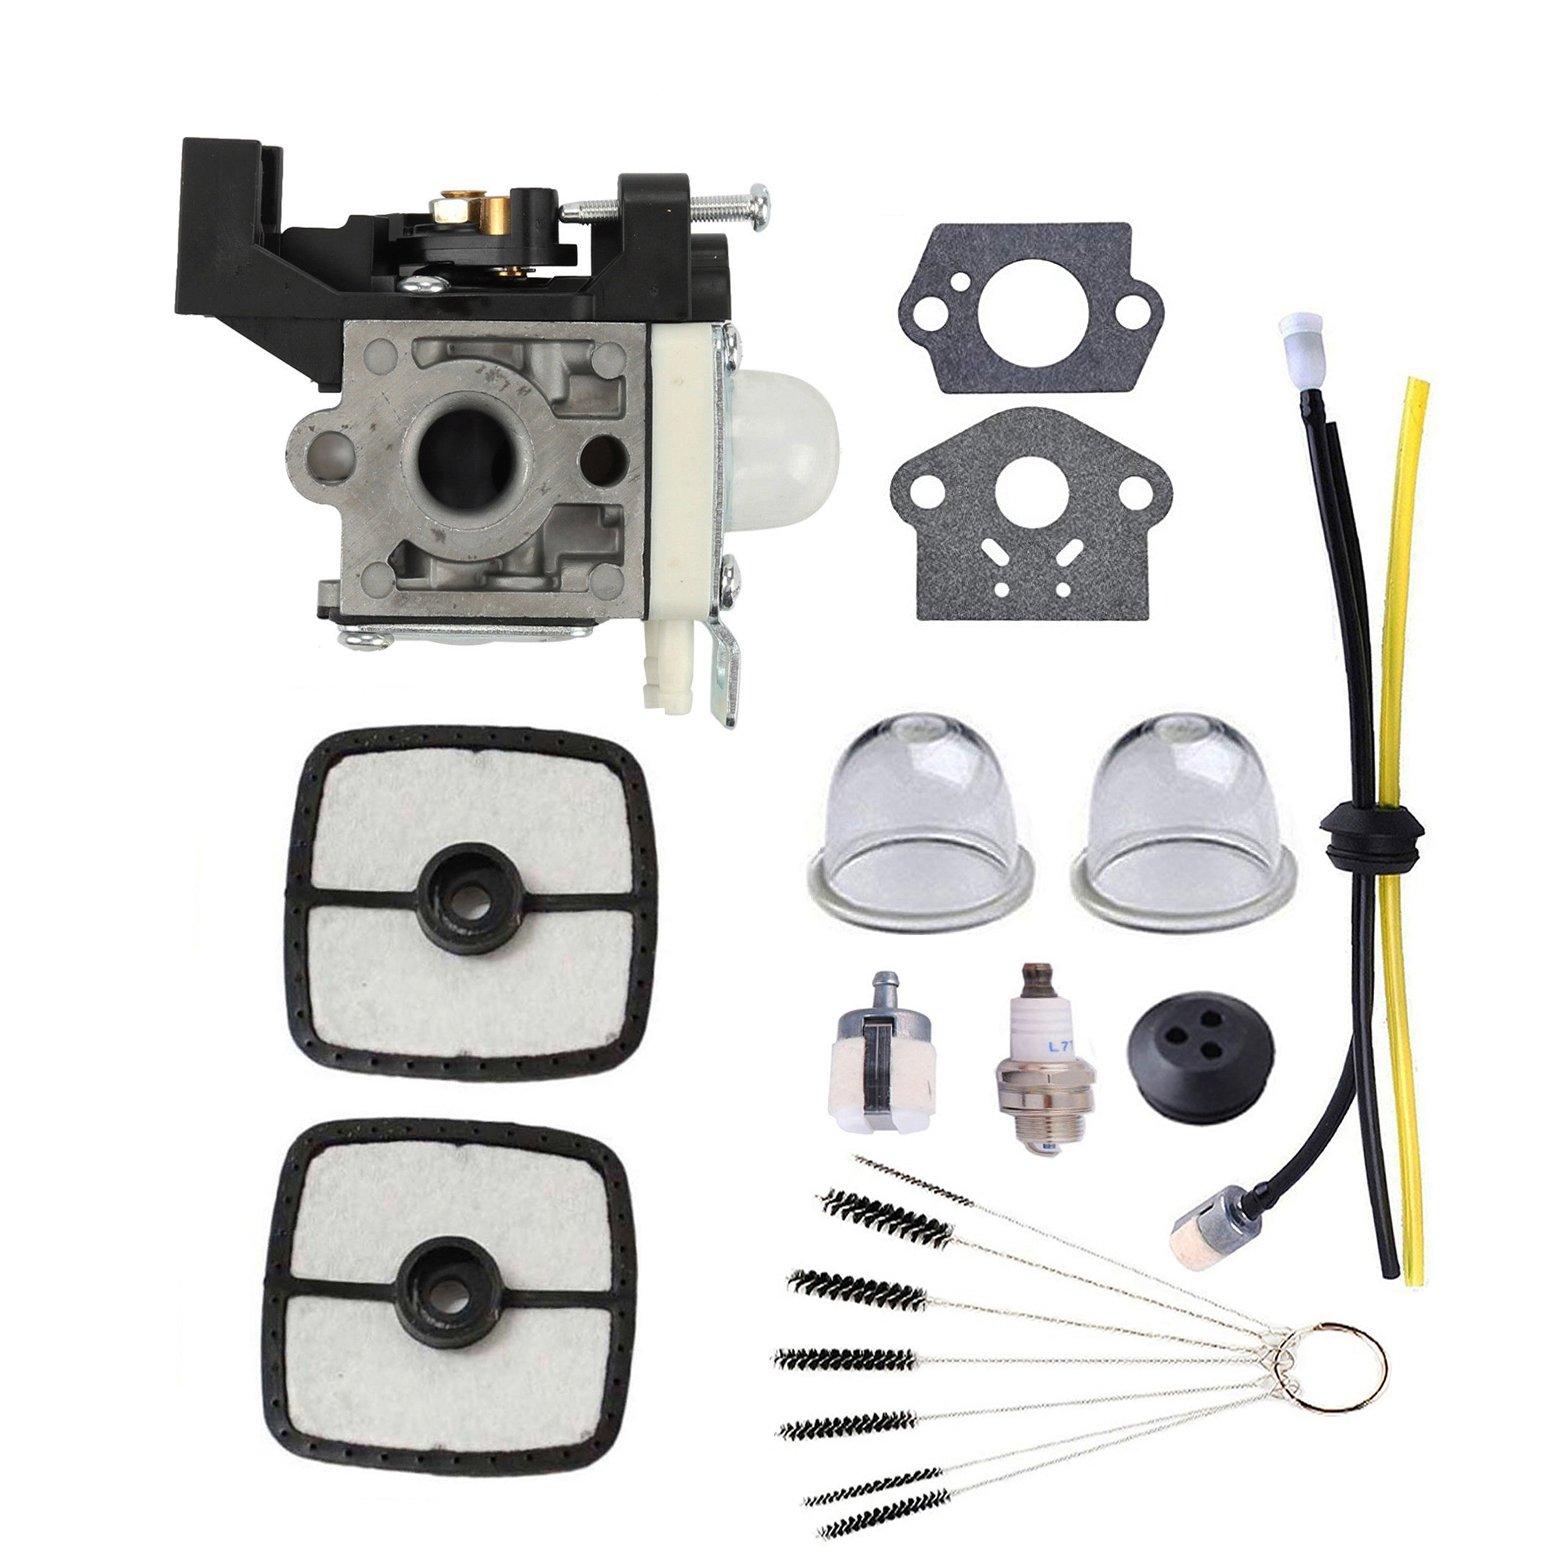 Podoy RB-K93 Carburetor for ZAMA Parts Trimmer SRM225 Tune Up Kit Maintenance with Fuel Line Kit Primer Bulb Brushes Tool for ECHO SRM225i SRM225U SRM225SB GT225 GT225i GT225L